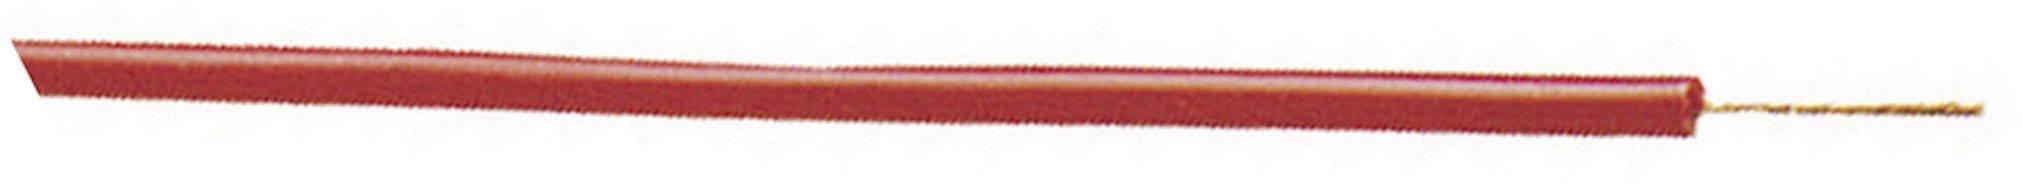 Opletenie / lanko Stäubli 61.7555-10022 SILI-E, 1 x 1.50 mm², vonkajší Ø 3.40 mm, metrový tovar, červená